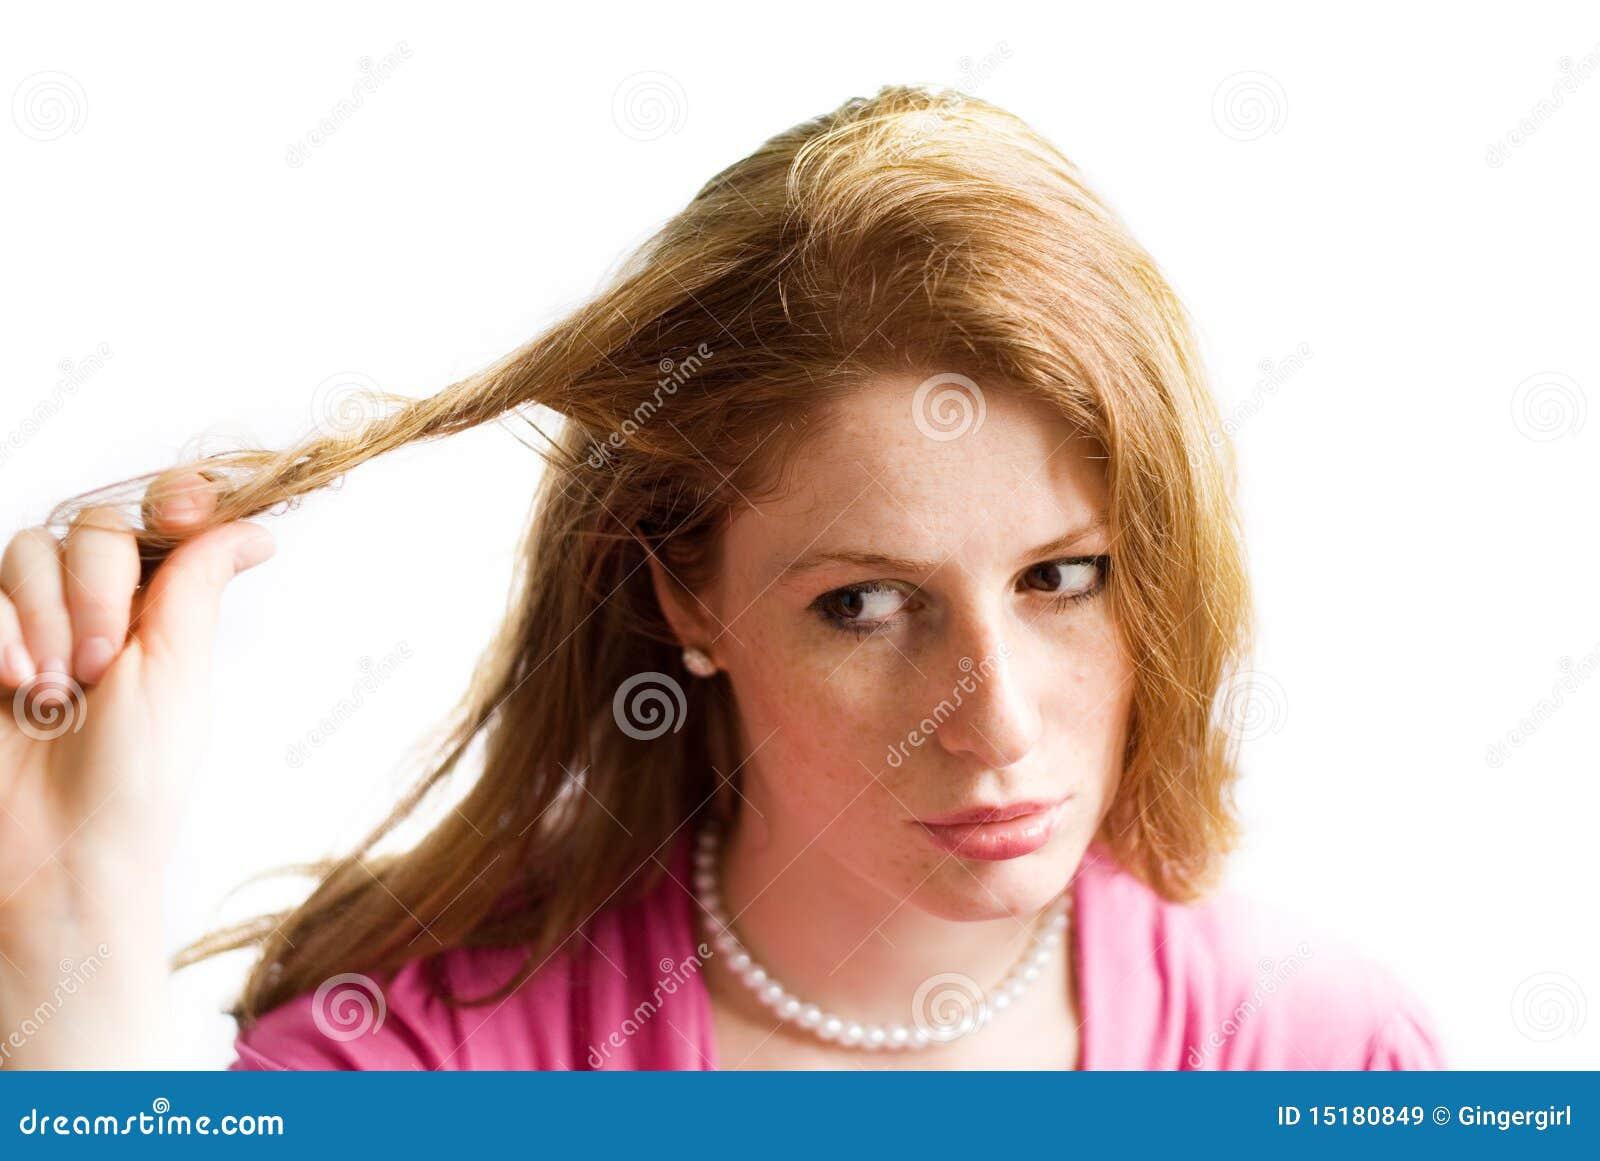 Девушка вытягивает волосы